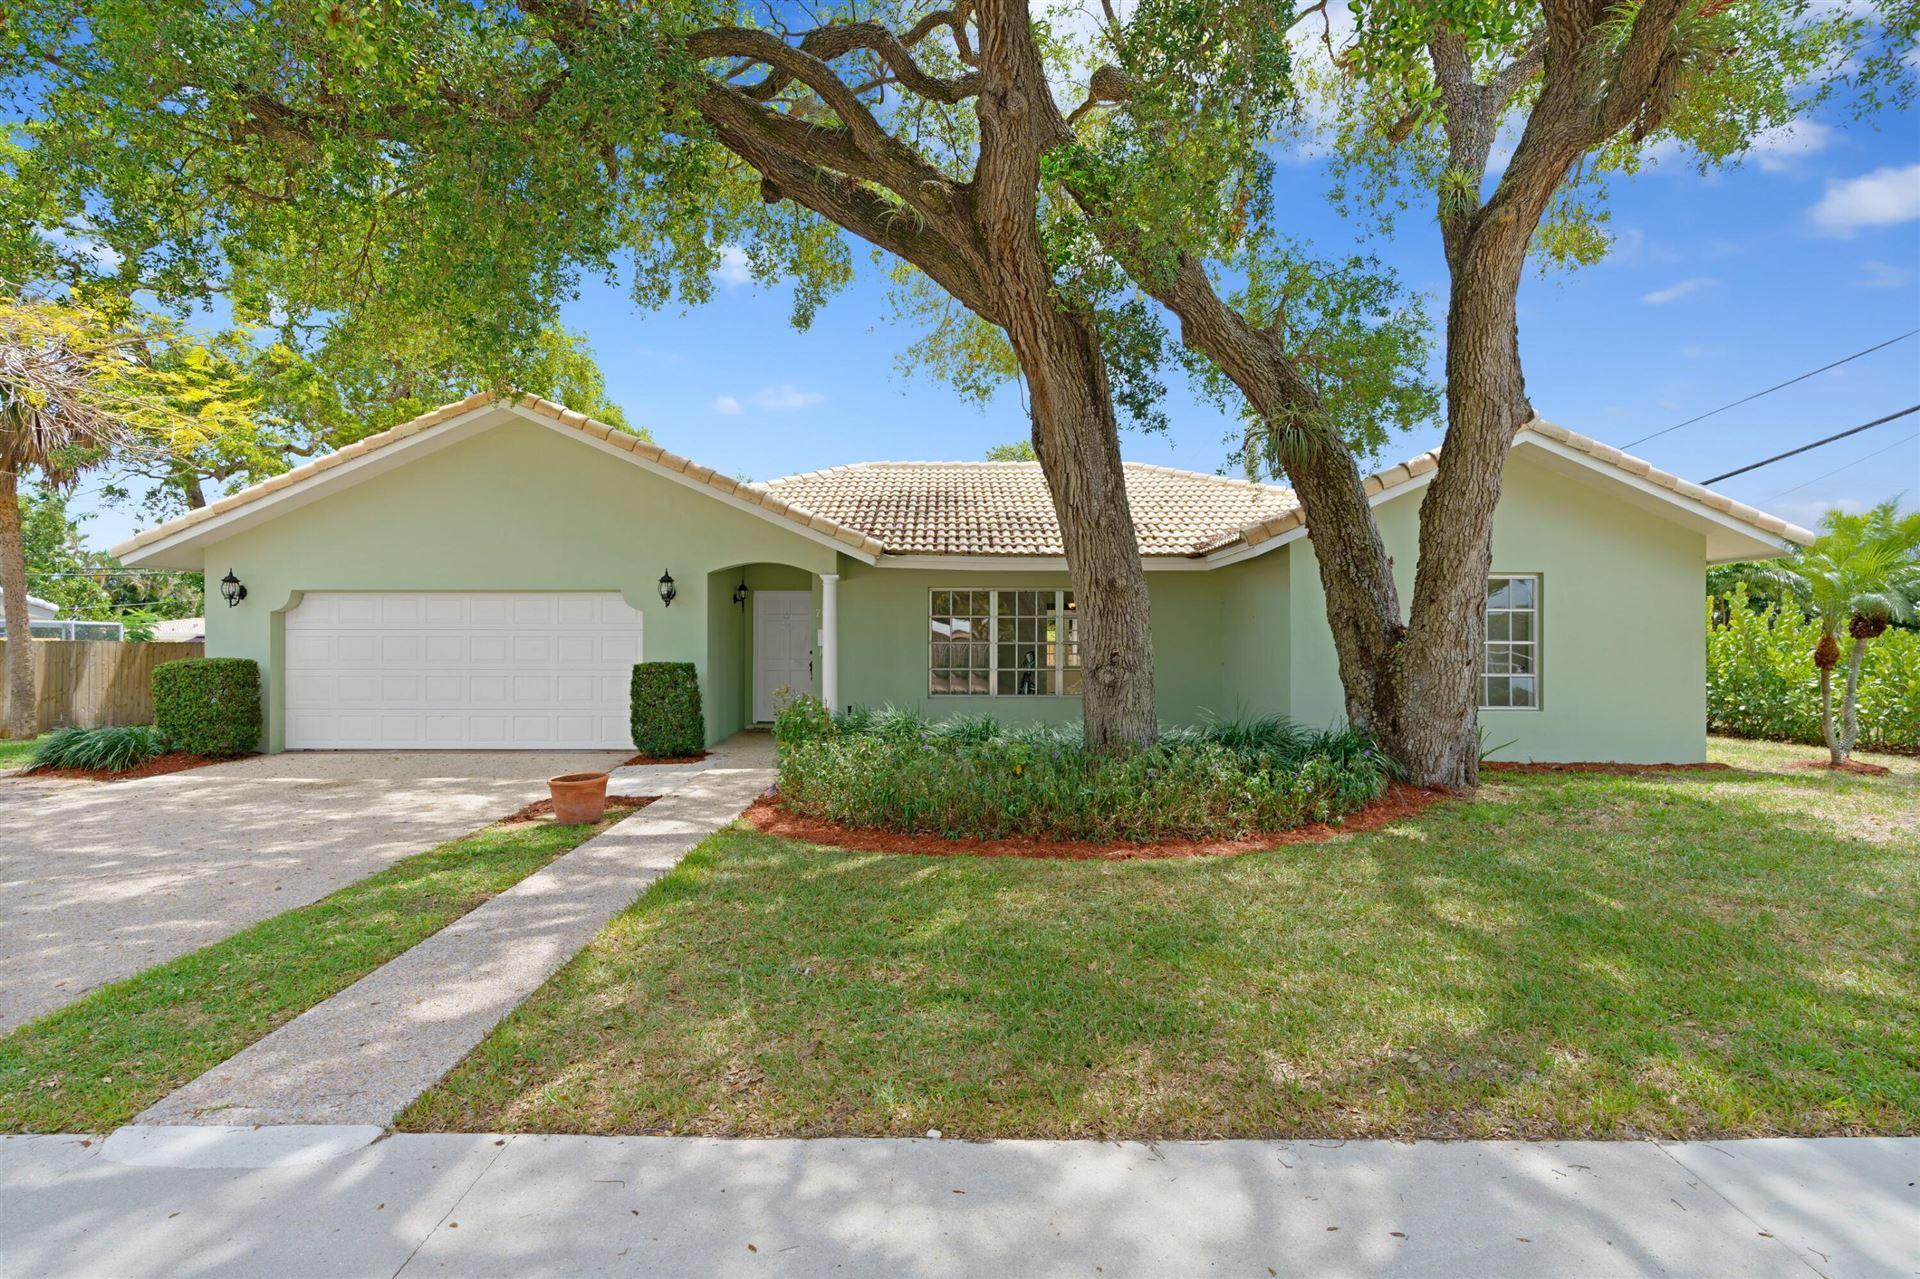 700 SW 9th Avenue, Boca Raton, FL 33486 - #: RX-10713369